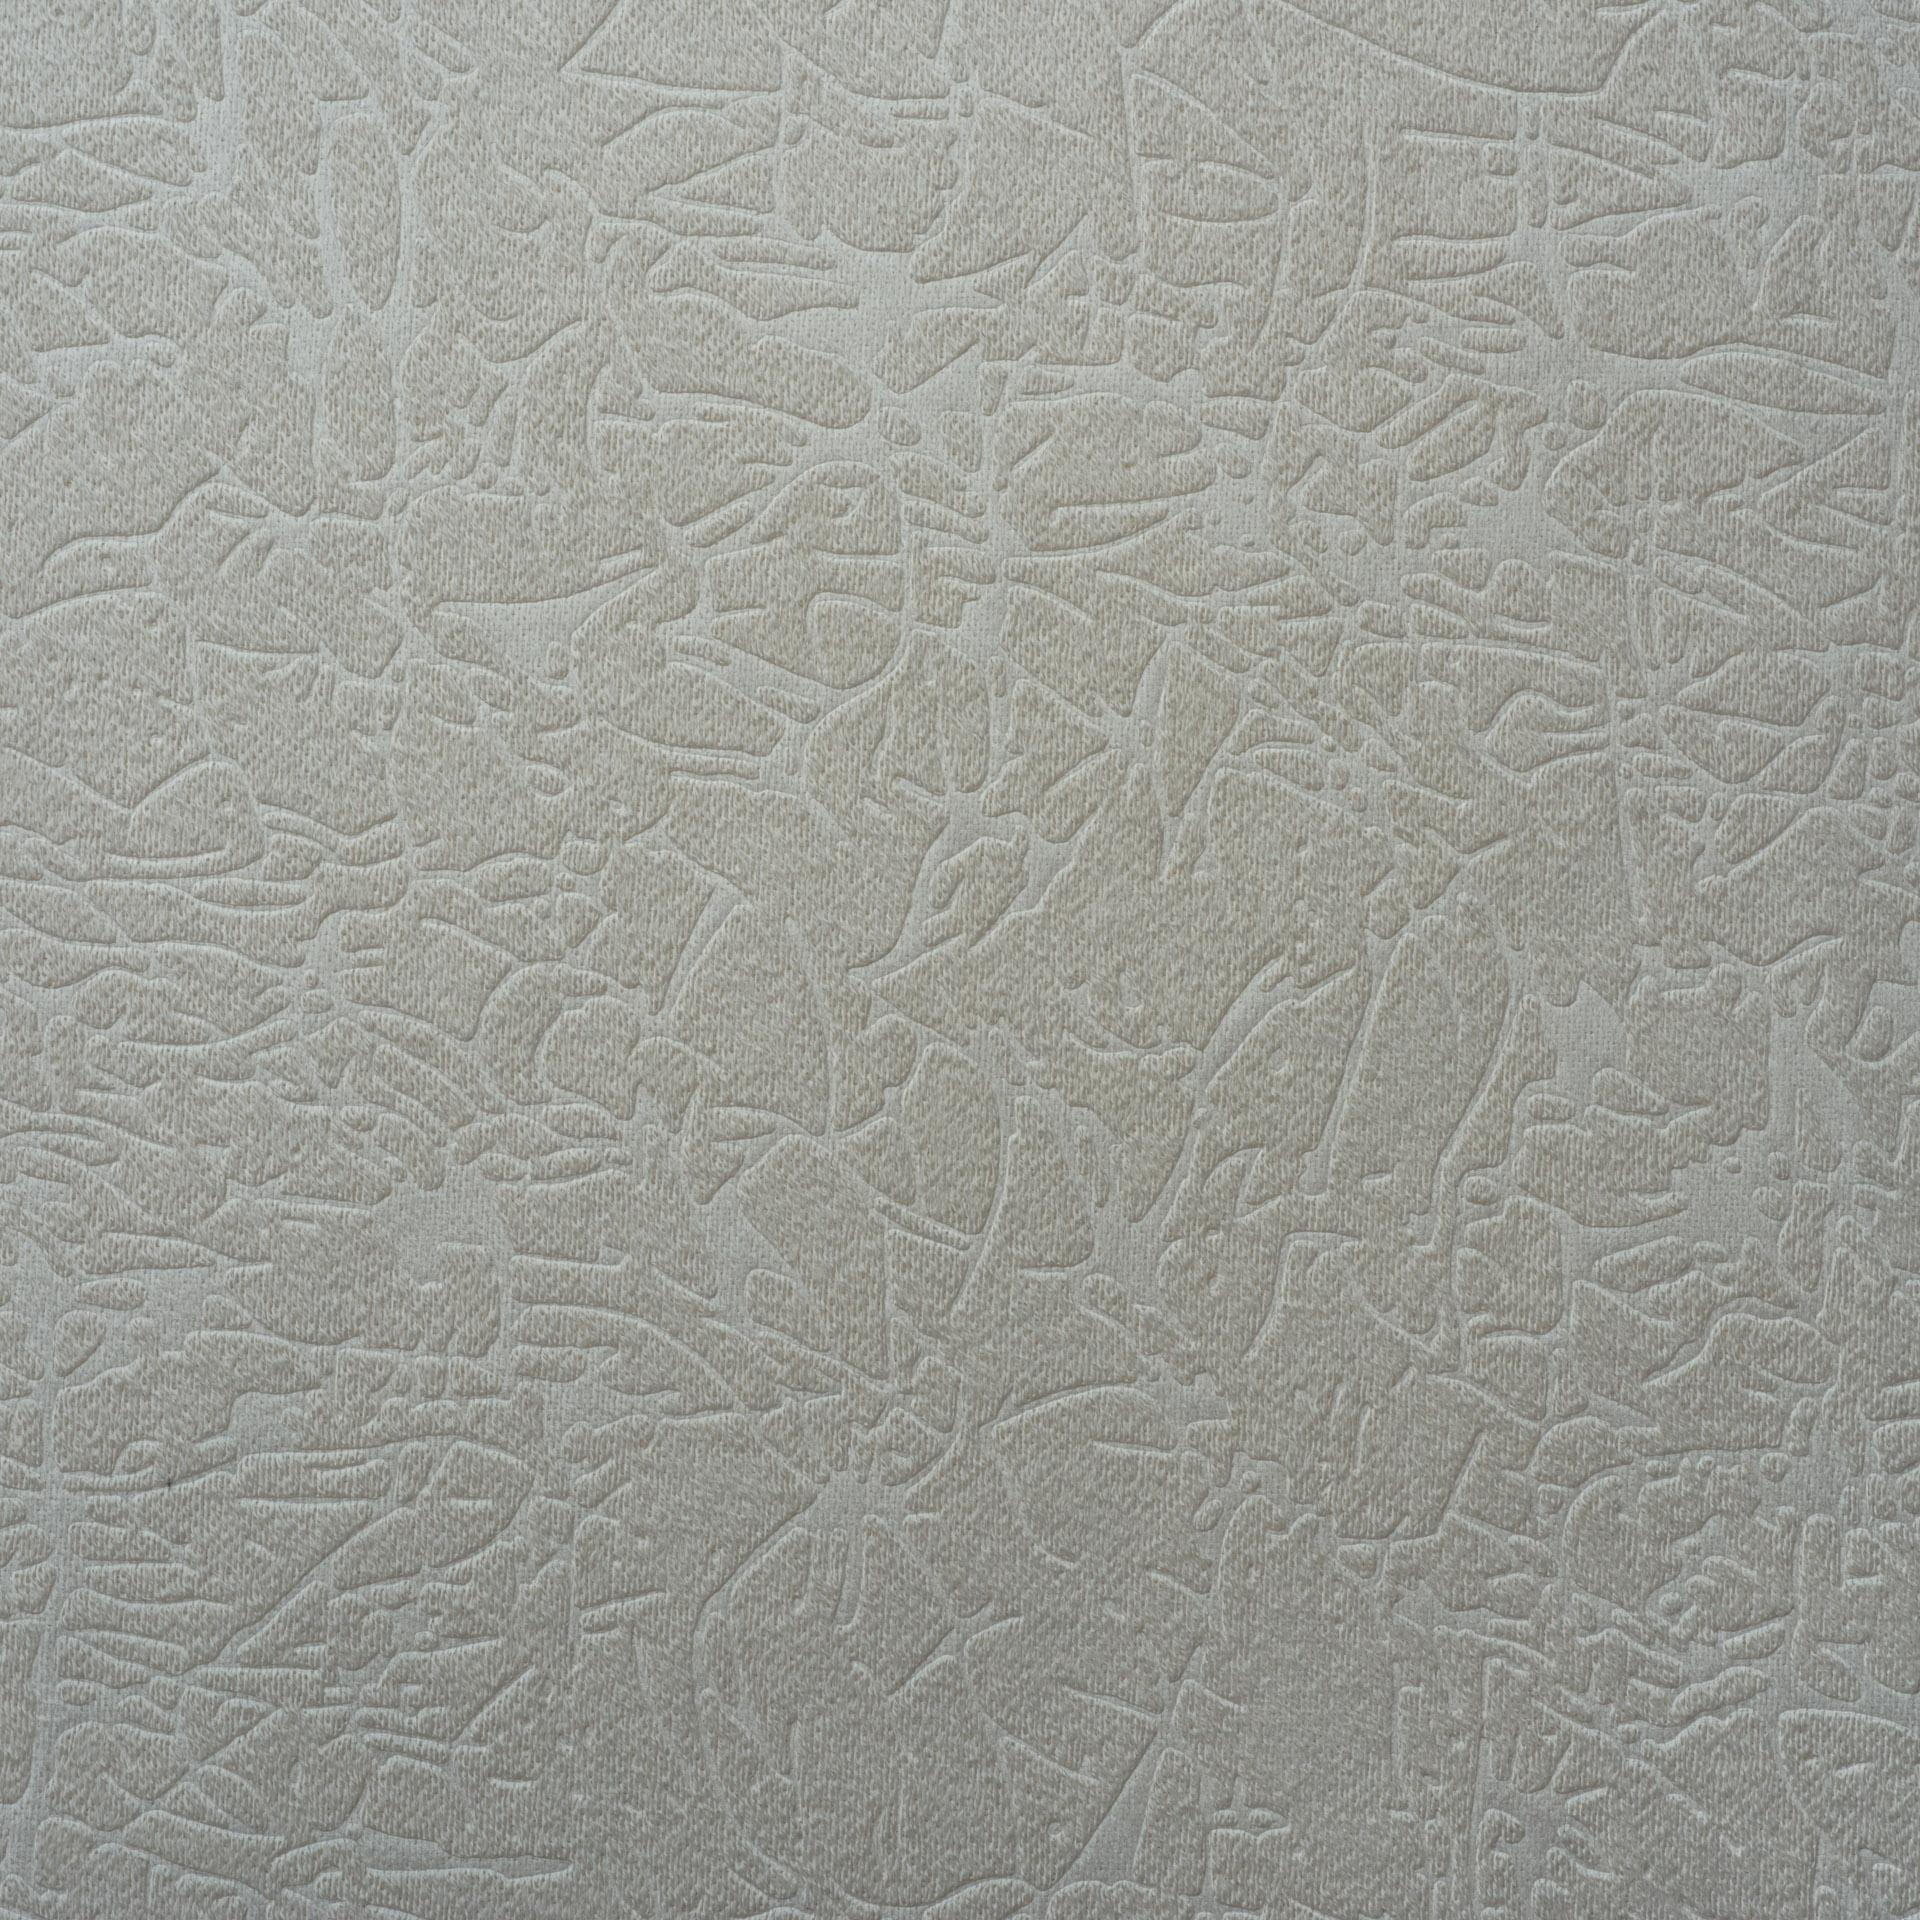 Коллекция ткани Пленет 01 BEIGE,  купить ткань Велюр для мебели Украина